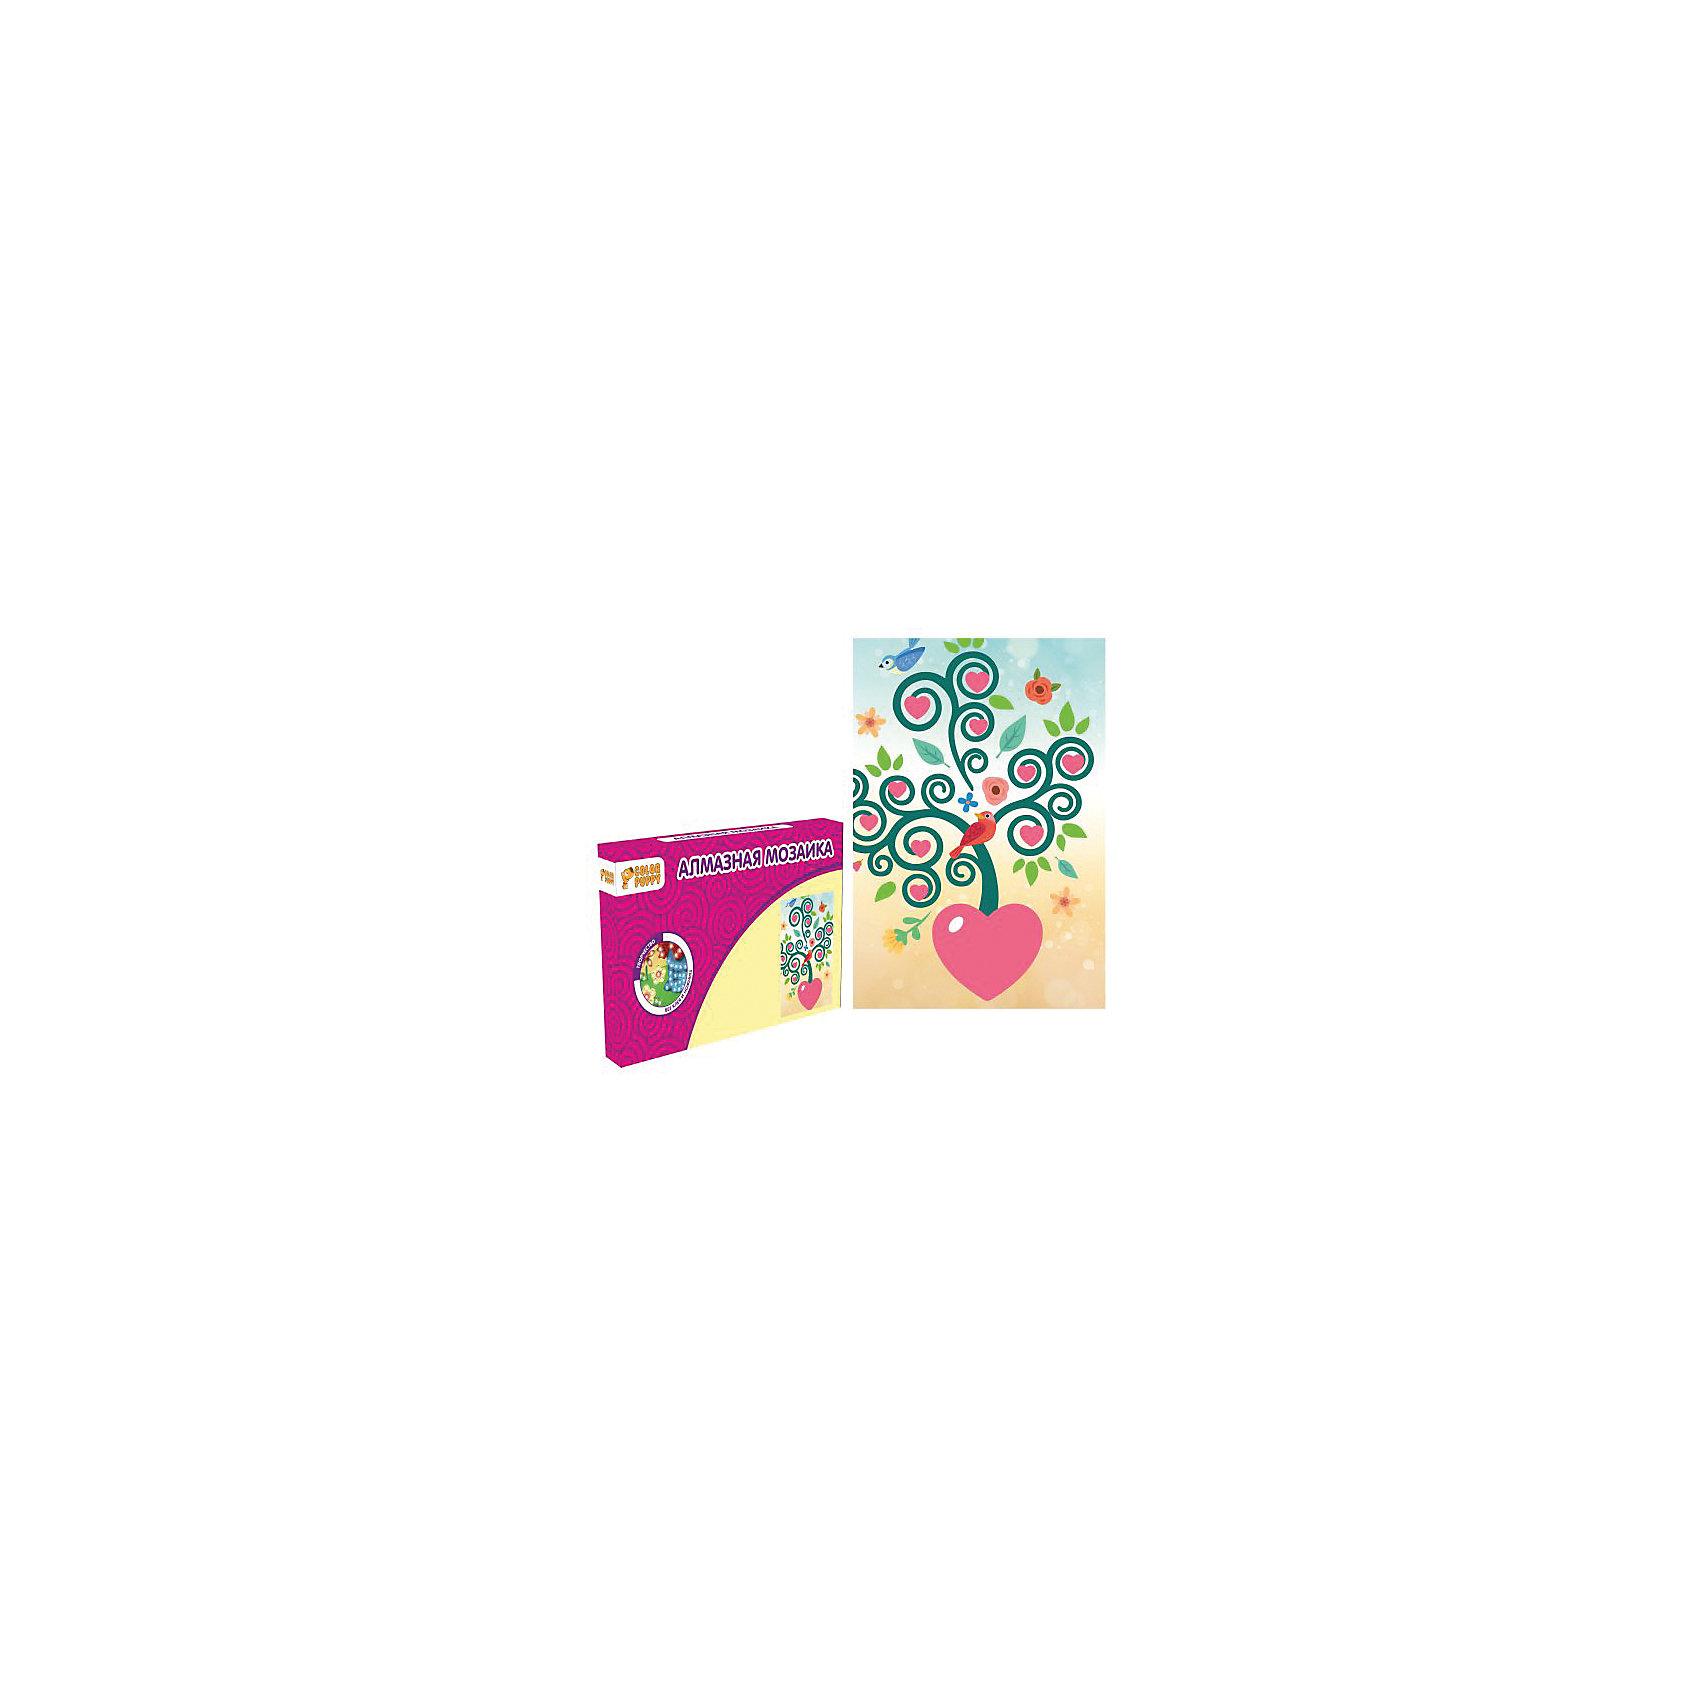 Набор для творчества Алмазная мозаика «Дерево счастья»В наборе: Картонная основа 10х15 см, подставка, стразы, емкость для страз, карандаш<br><br>Ширина мм: 165<br>Глубина мм: 105<br>Высота мм: 20<br>Вес г: 77<br>Возраст от месяцев: 36<br>Возраст до месяцев: 108<br>Пол: Унисекс<br>Возраст: Детский<br>SKU: 5078344